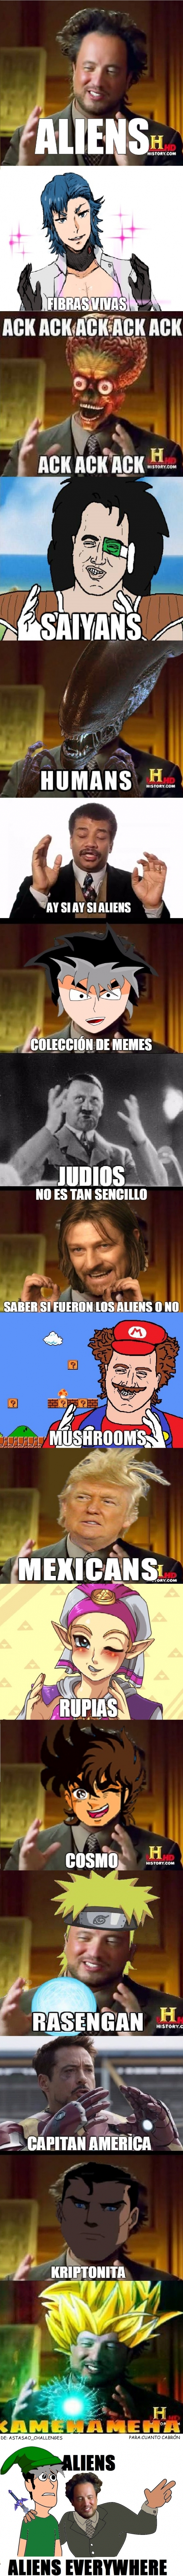 Otros - Aliens, aliens everywhere